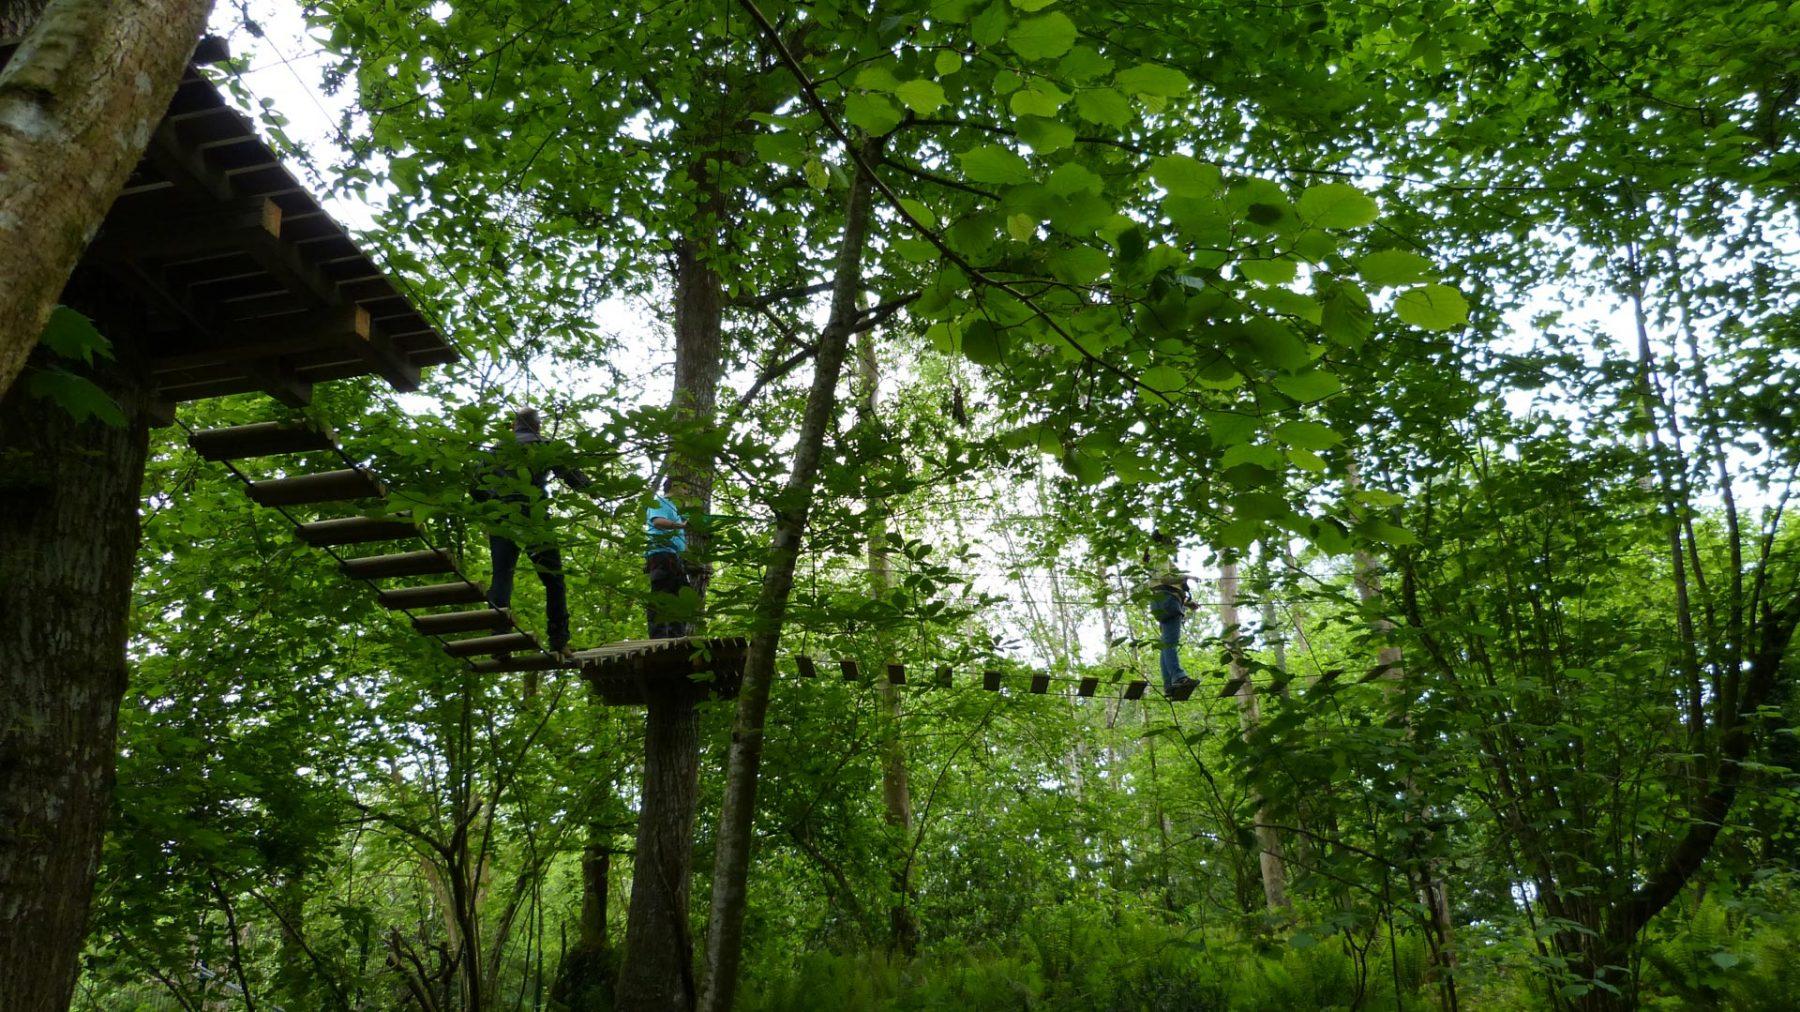 Doble puente al inicio de selva asturiana